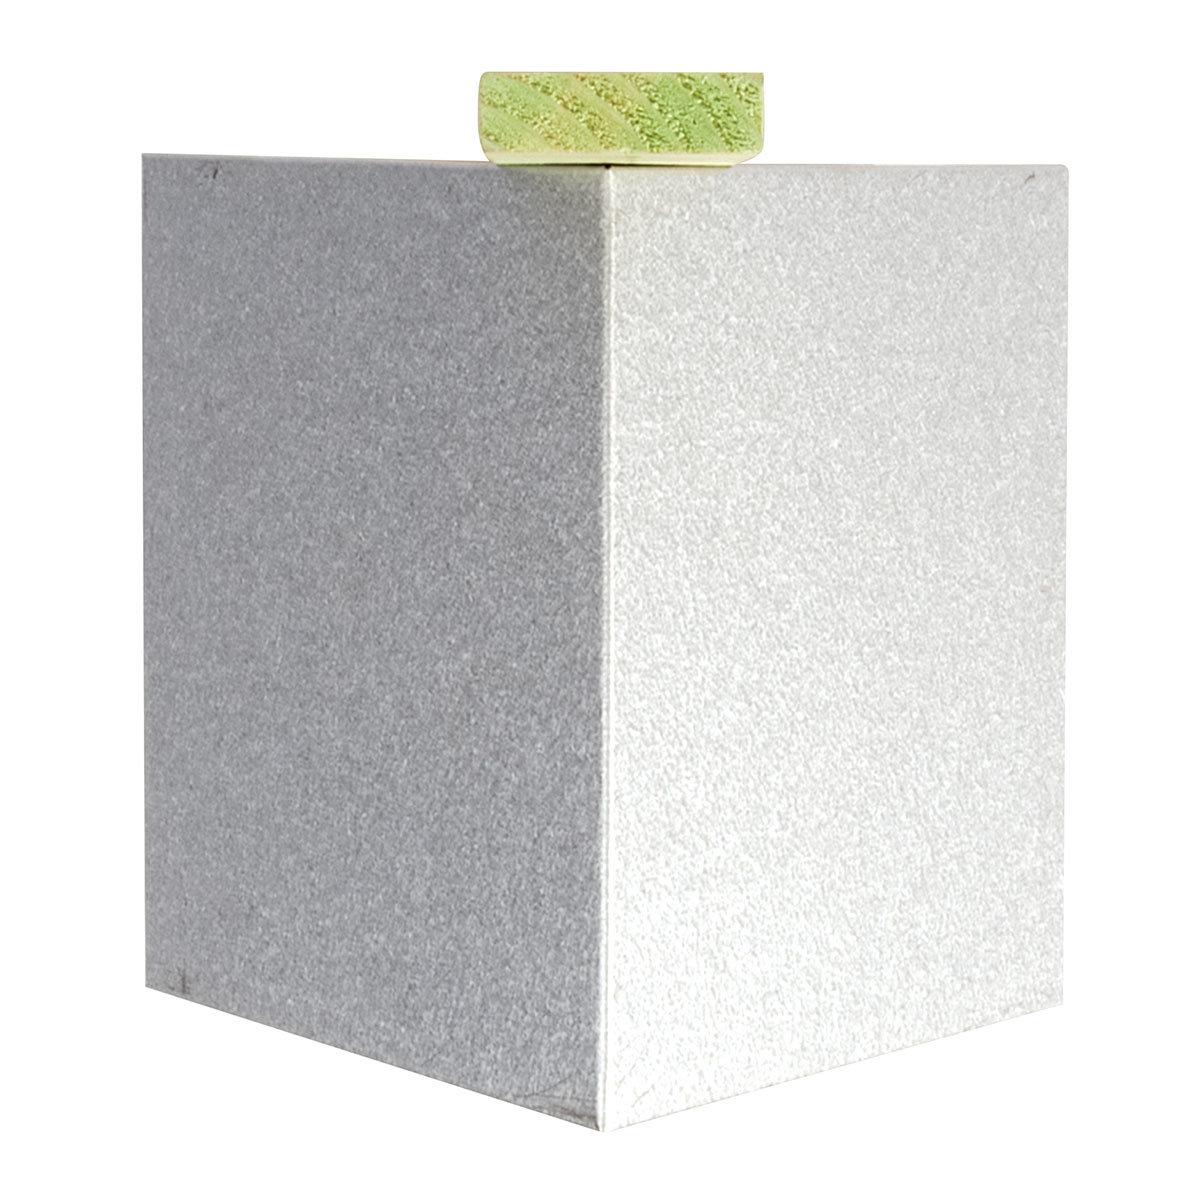 Nistkasten Blaumeise mit Zinkdach, mit herausnehmbaren Boden, ca. 18 x 18 x 32 cm | #7